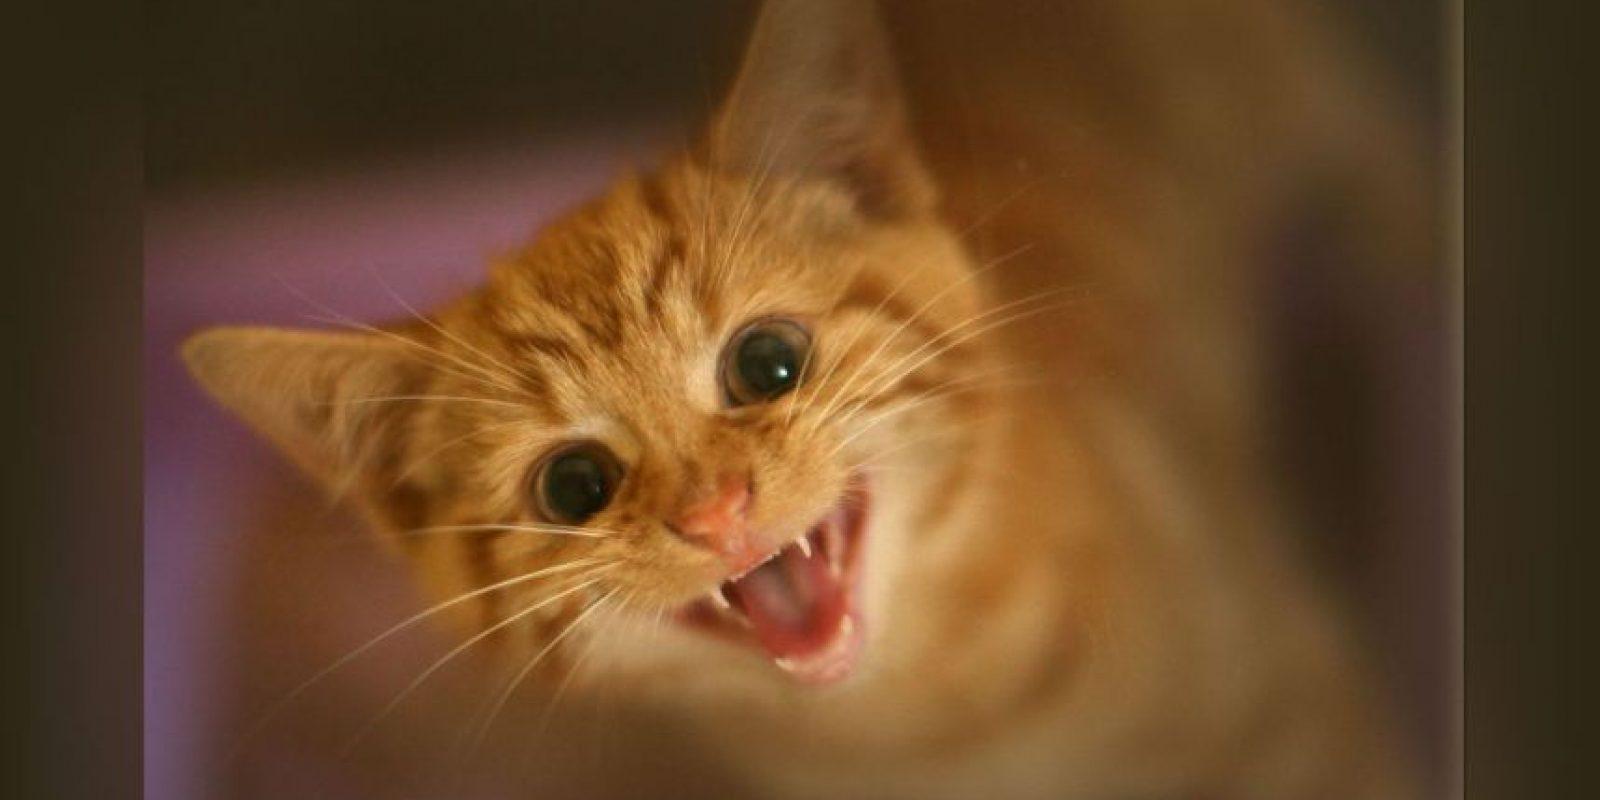 El gato murió luego de ser atropellado accidentalmente. Era la mascota de Jansen. Foto:Getty Imagenes